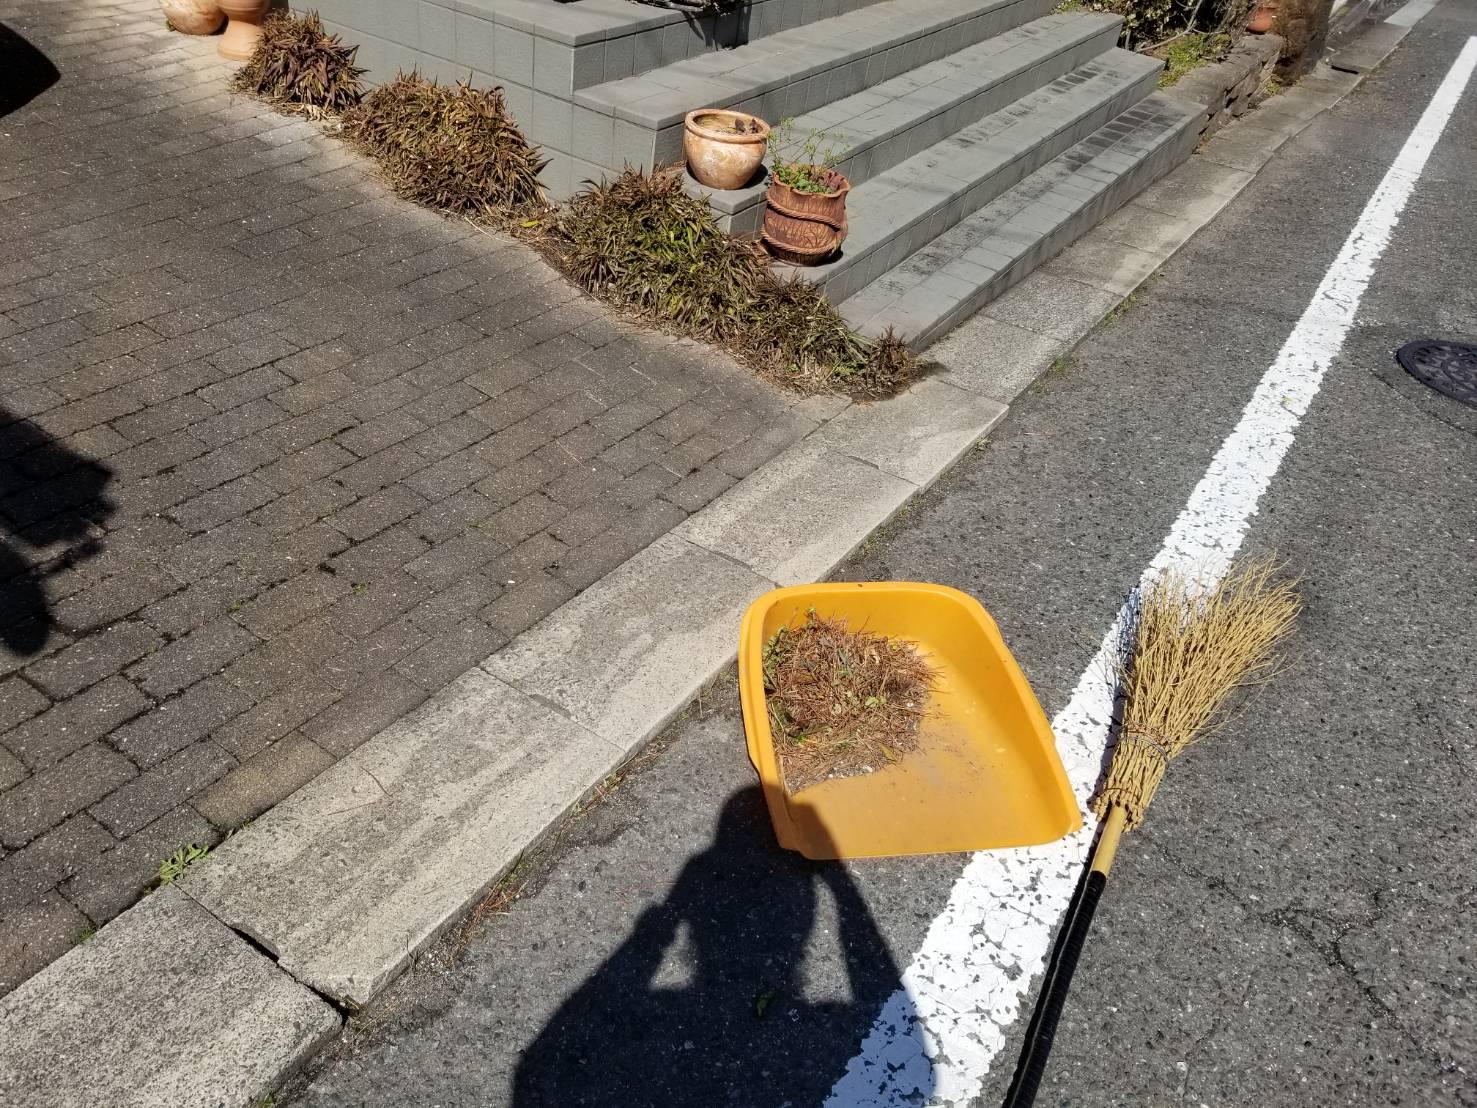 知多市 空き家管理 落葉清掃 (3)